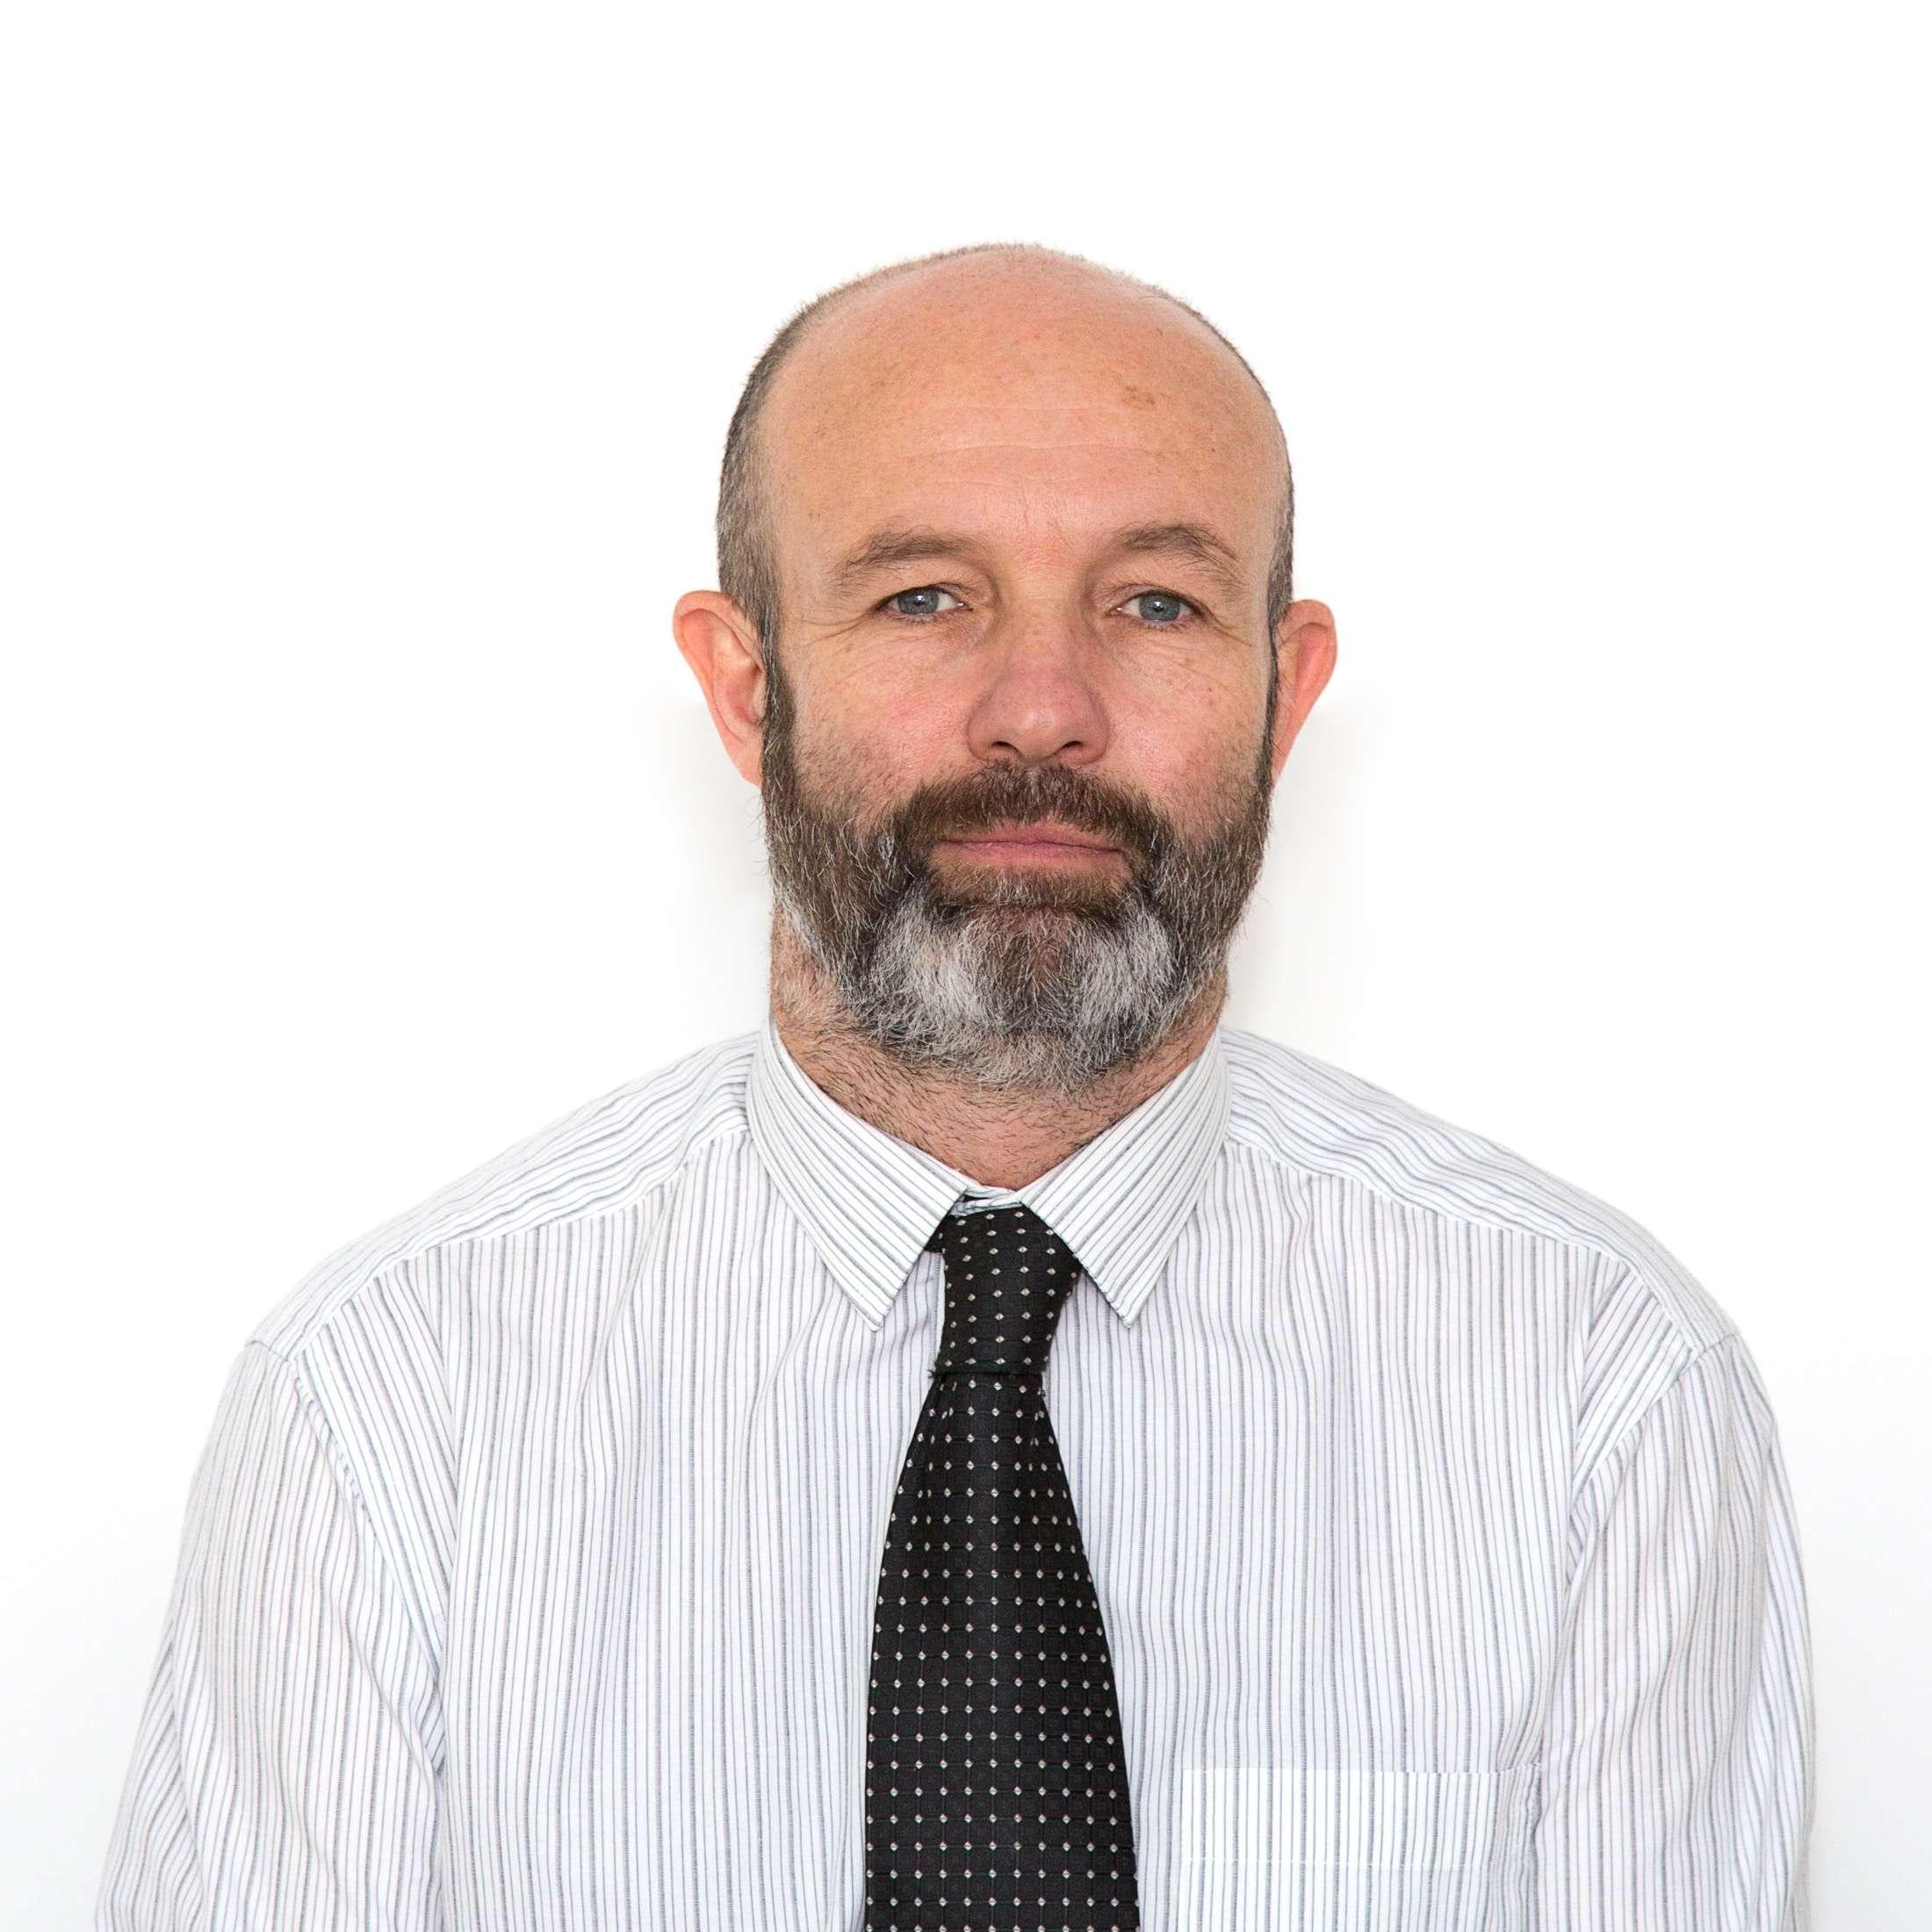 Dave Winder